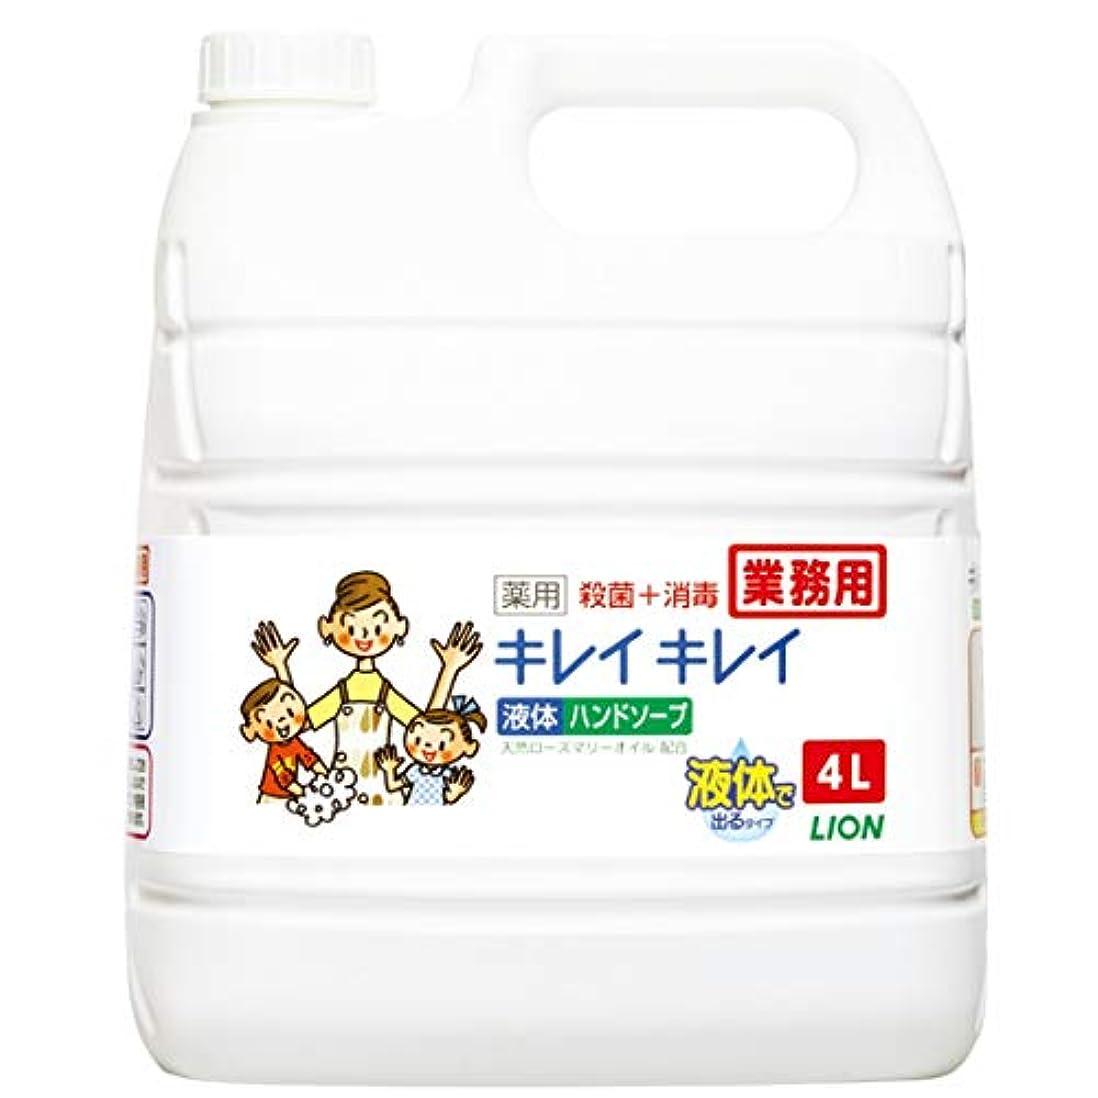 ゆるく親密なラフ【業務用 大容量】キレイキレイ 薬用 ハンドソープ (医薬部外品) 単品 4L